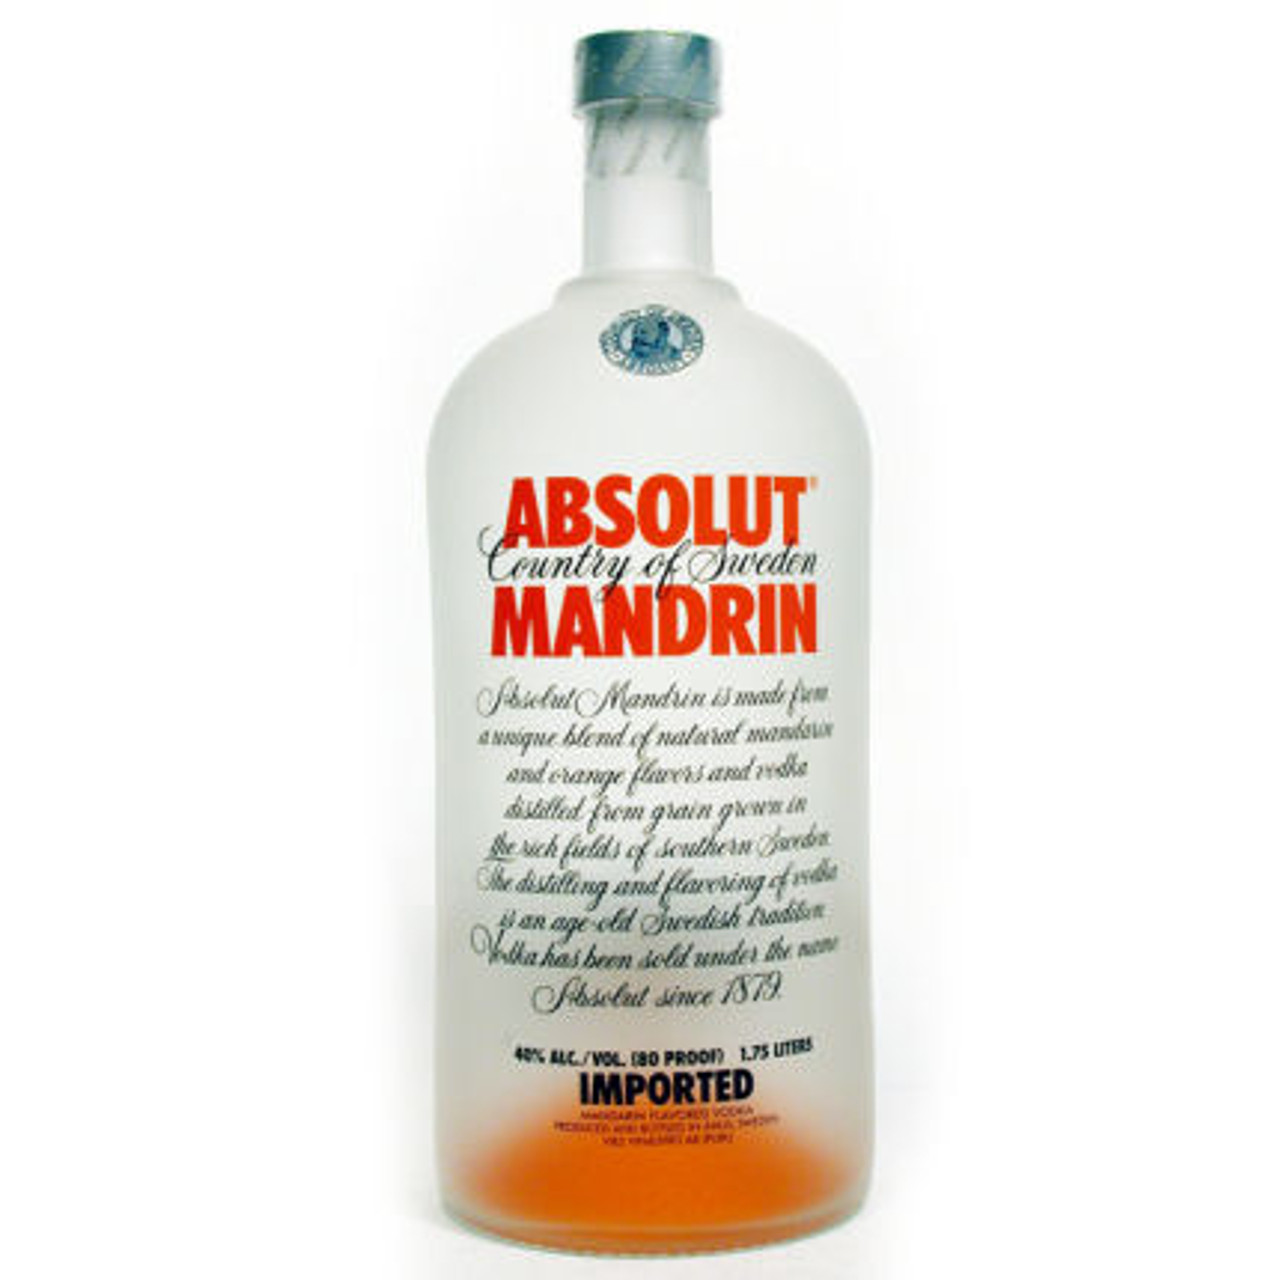 Absolut Mandrin Swedish Grain Vodka 1.75L